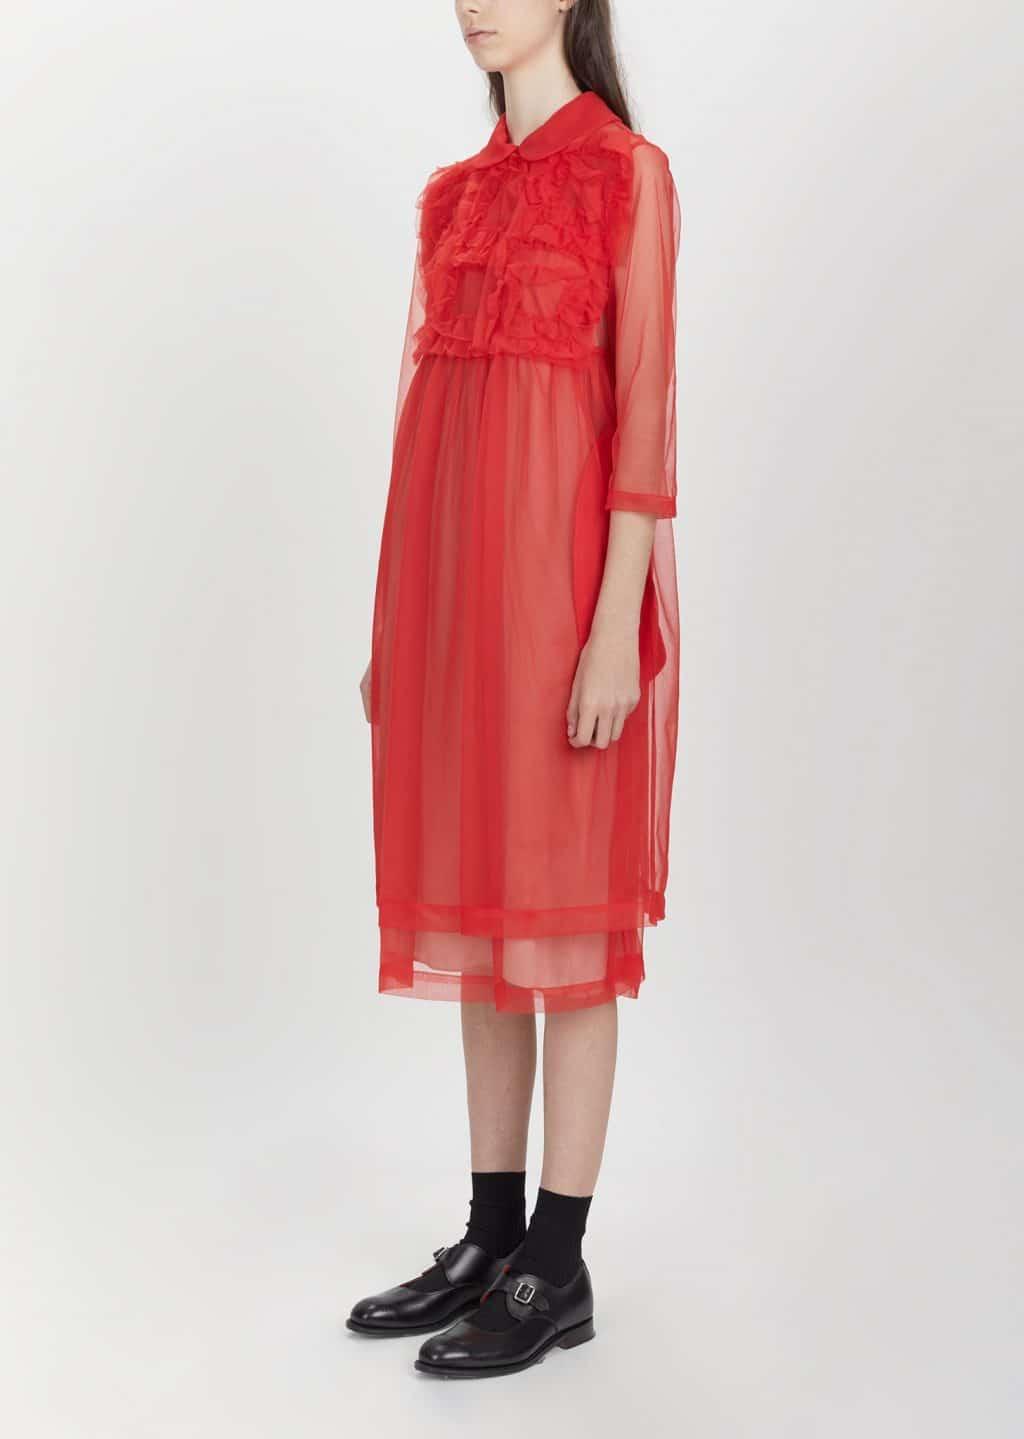 Comme Des GarÇons Nylon Half Tricot Red Dress